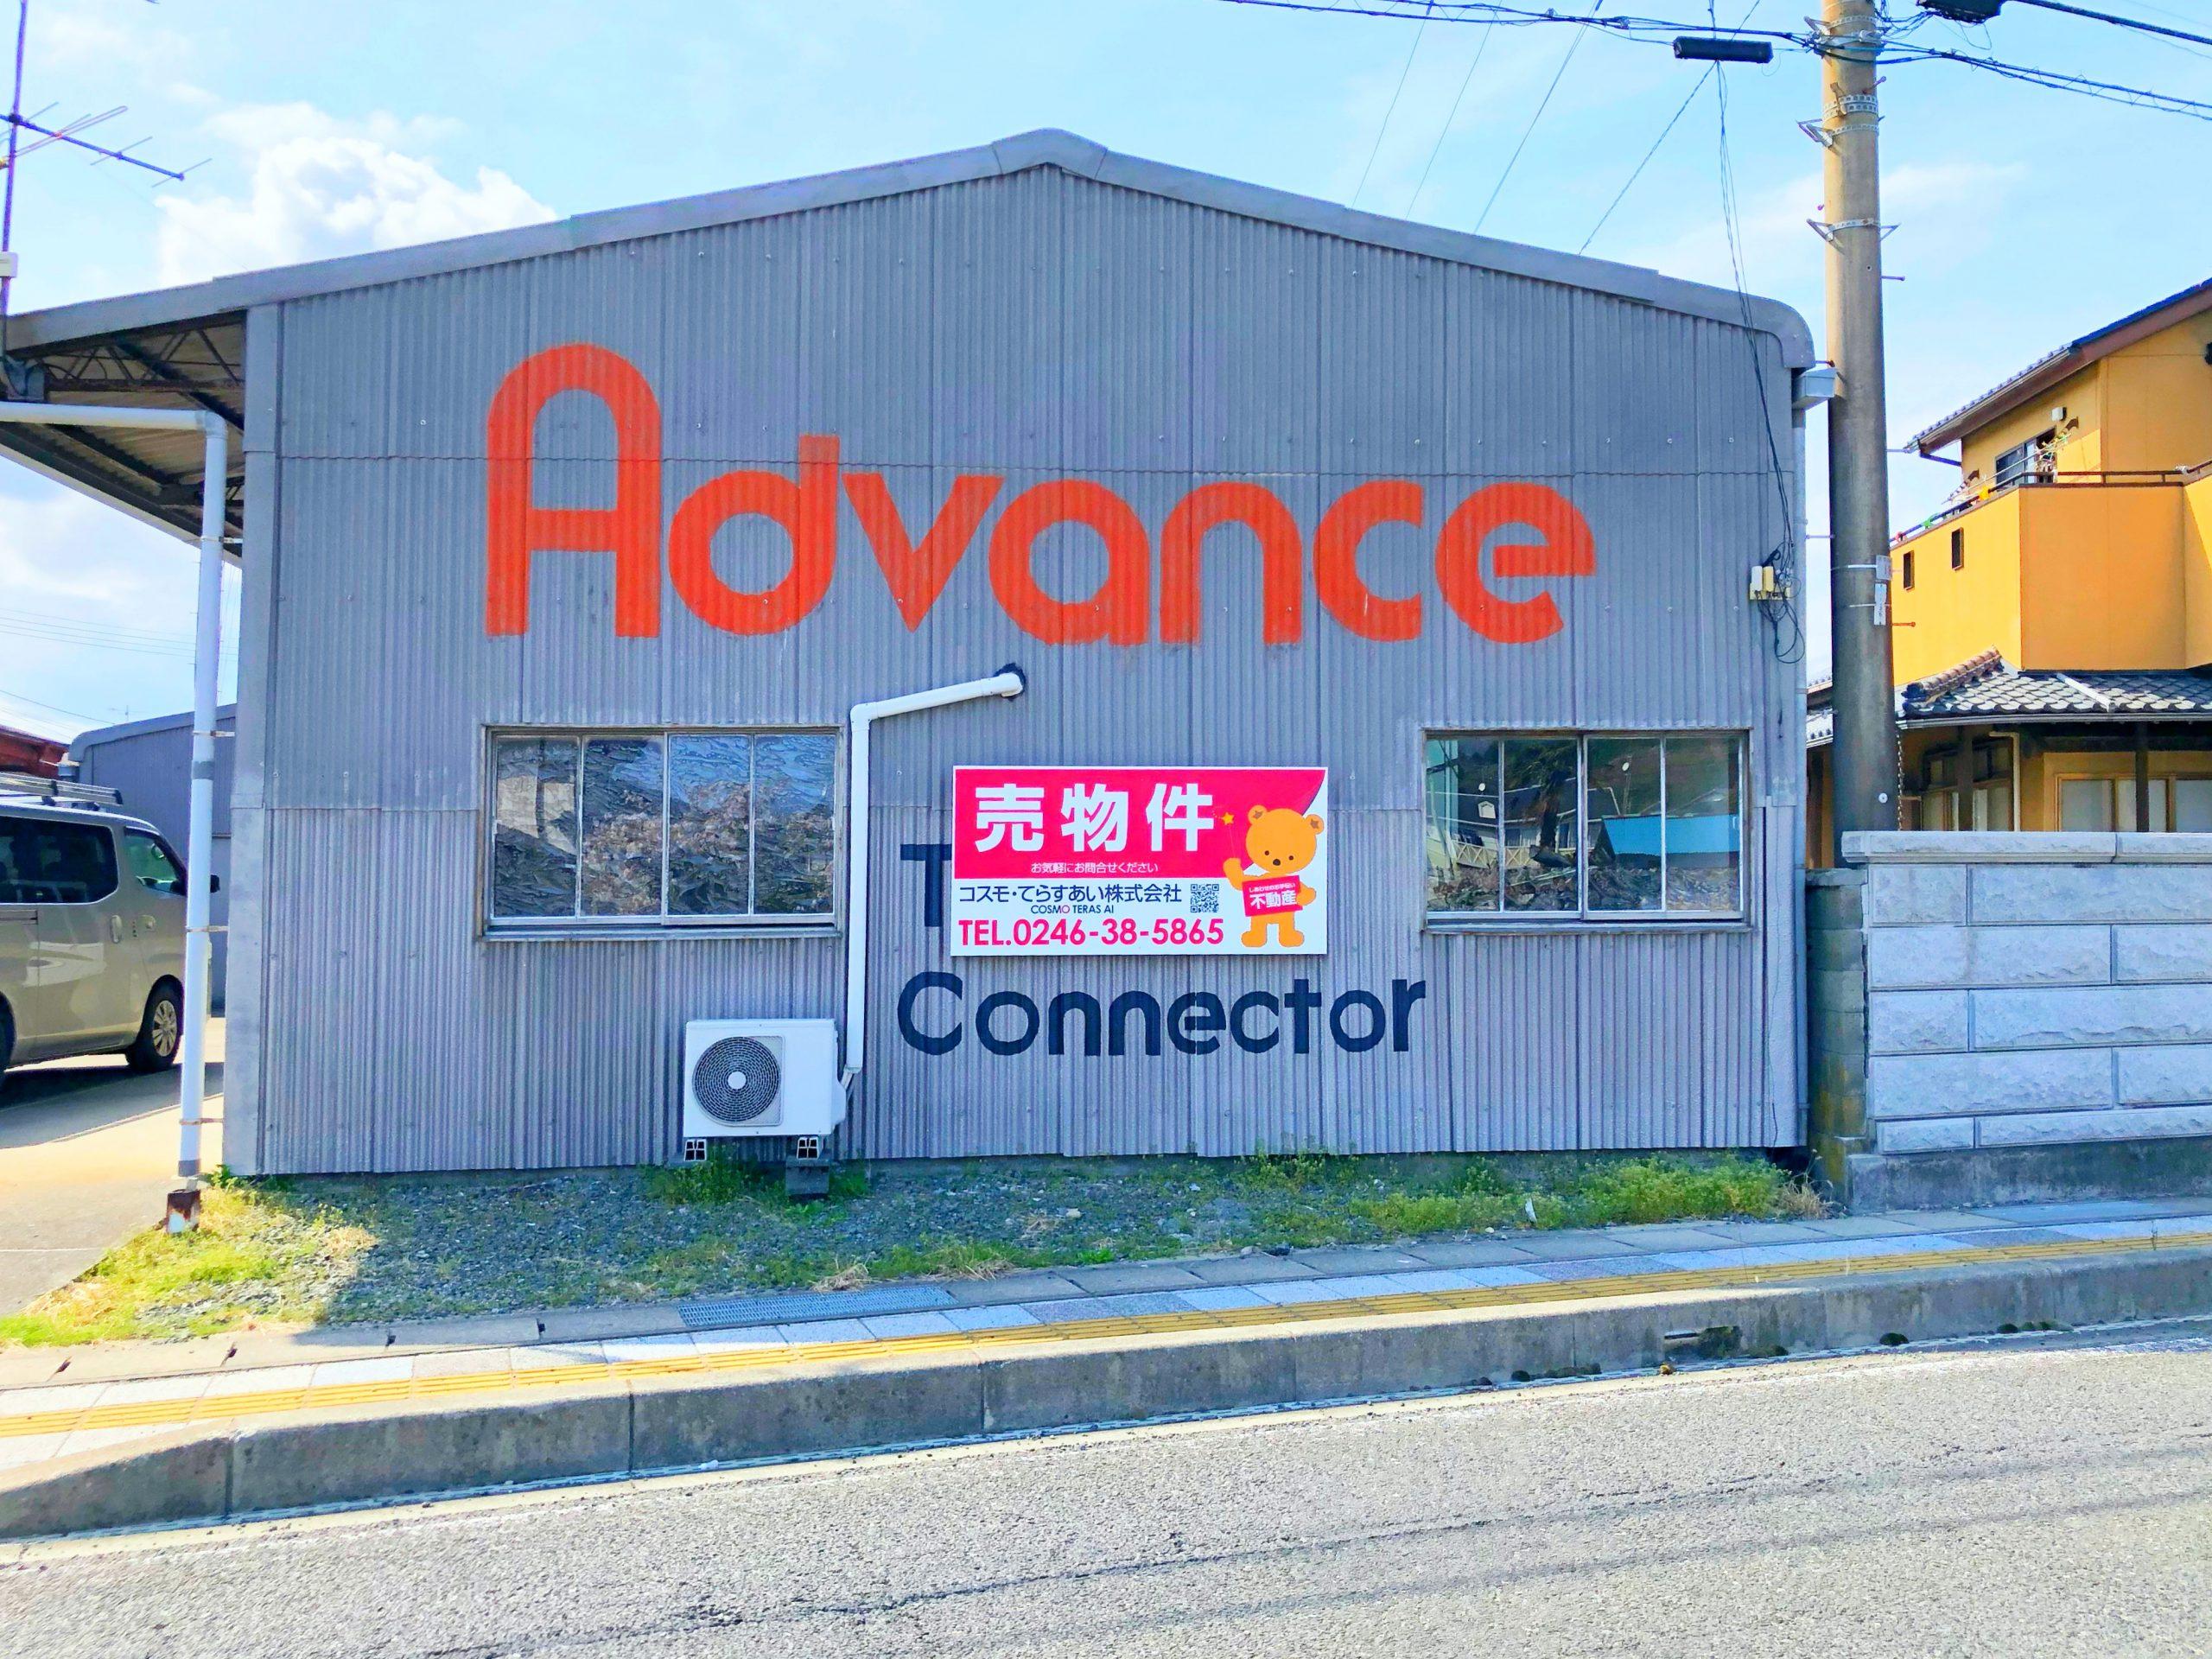 【小名浜 売工場・倉庫】3500万円 ロードサイドで好立地です!天井高2.5m以上!車の整備工場や作業場におすすめ♪